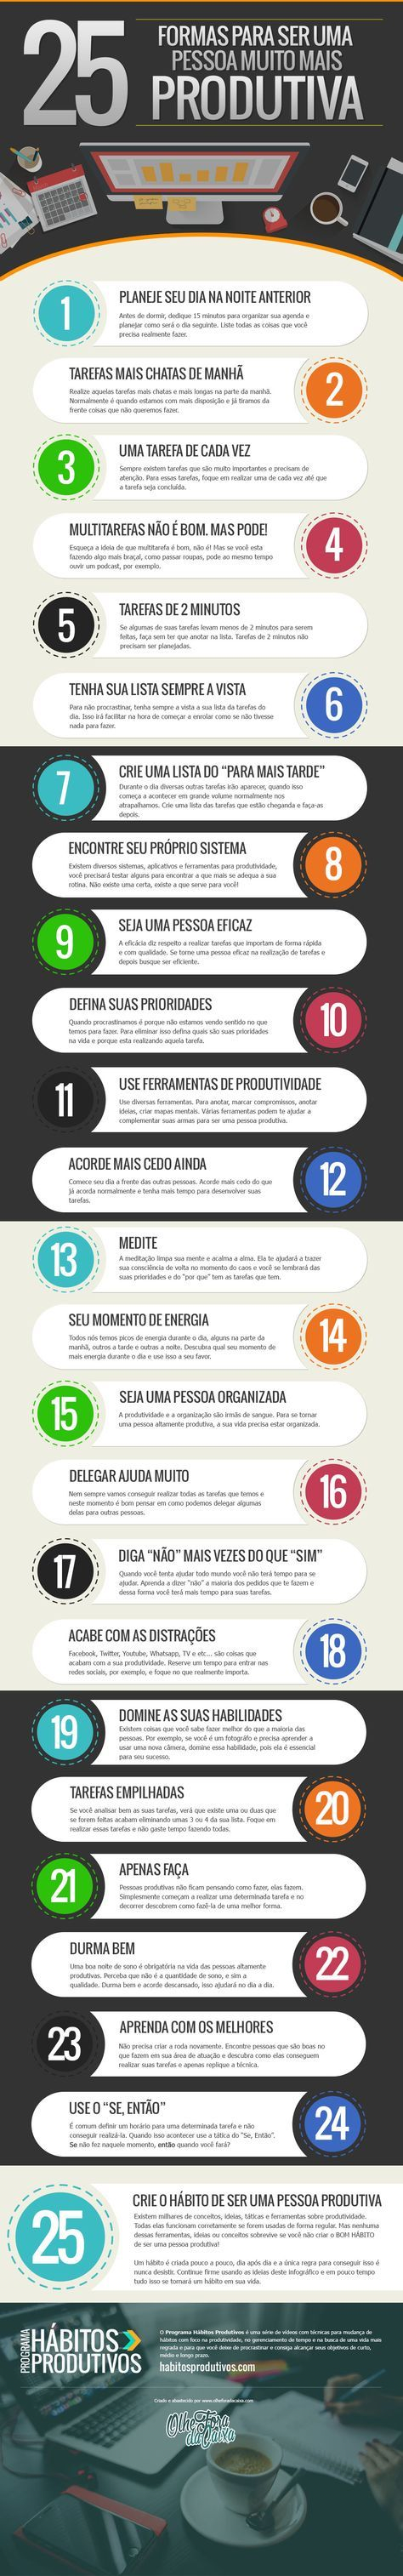 Um infográfico com 25 formas de ser uma pessoa produtiva que traz algumas dicas importantes. #produtividade